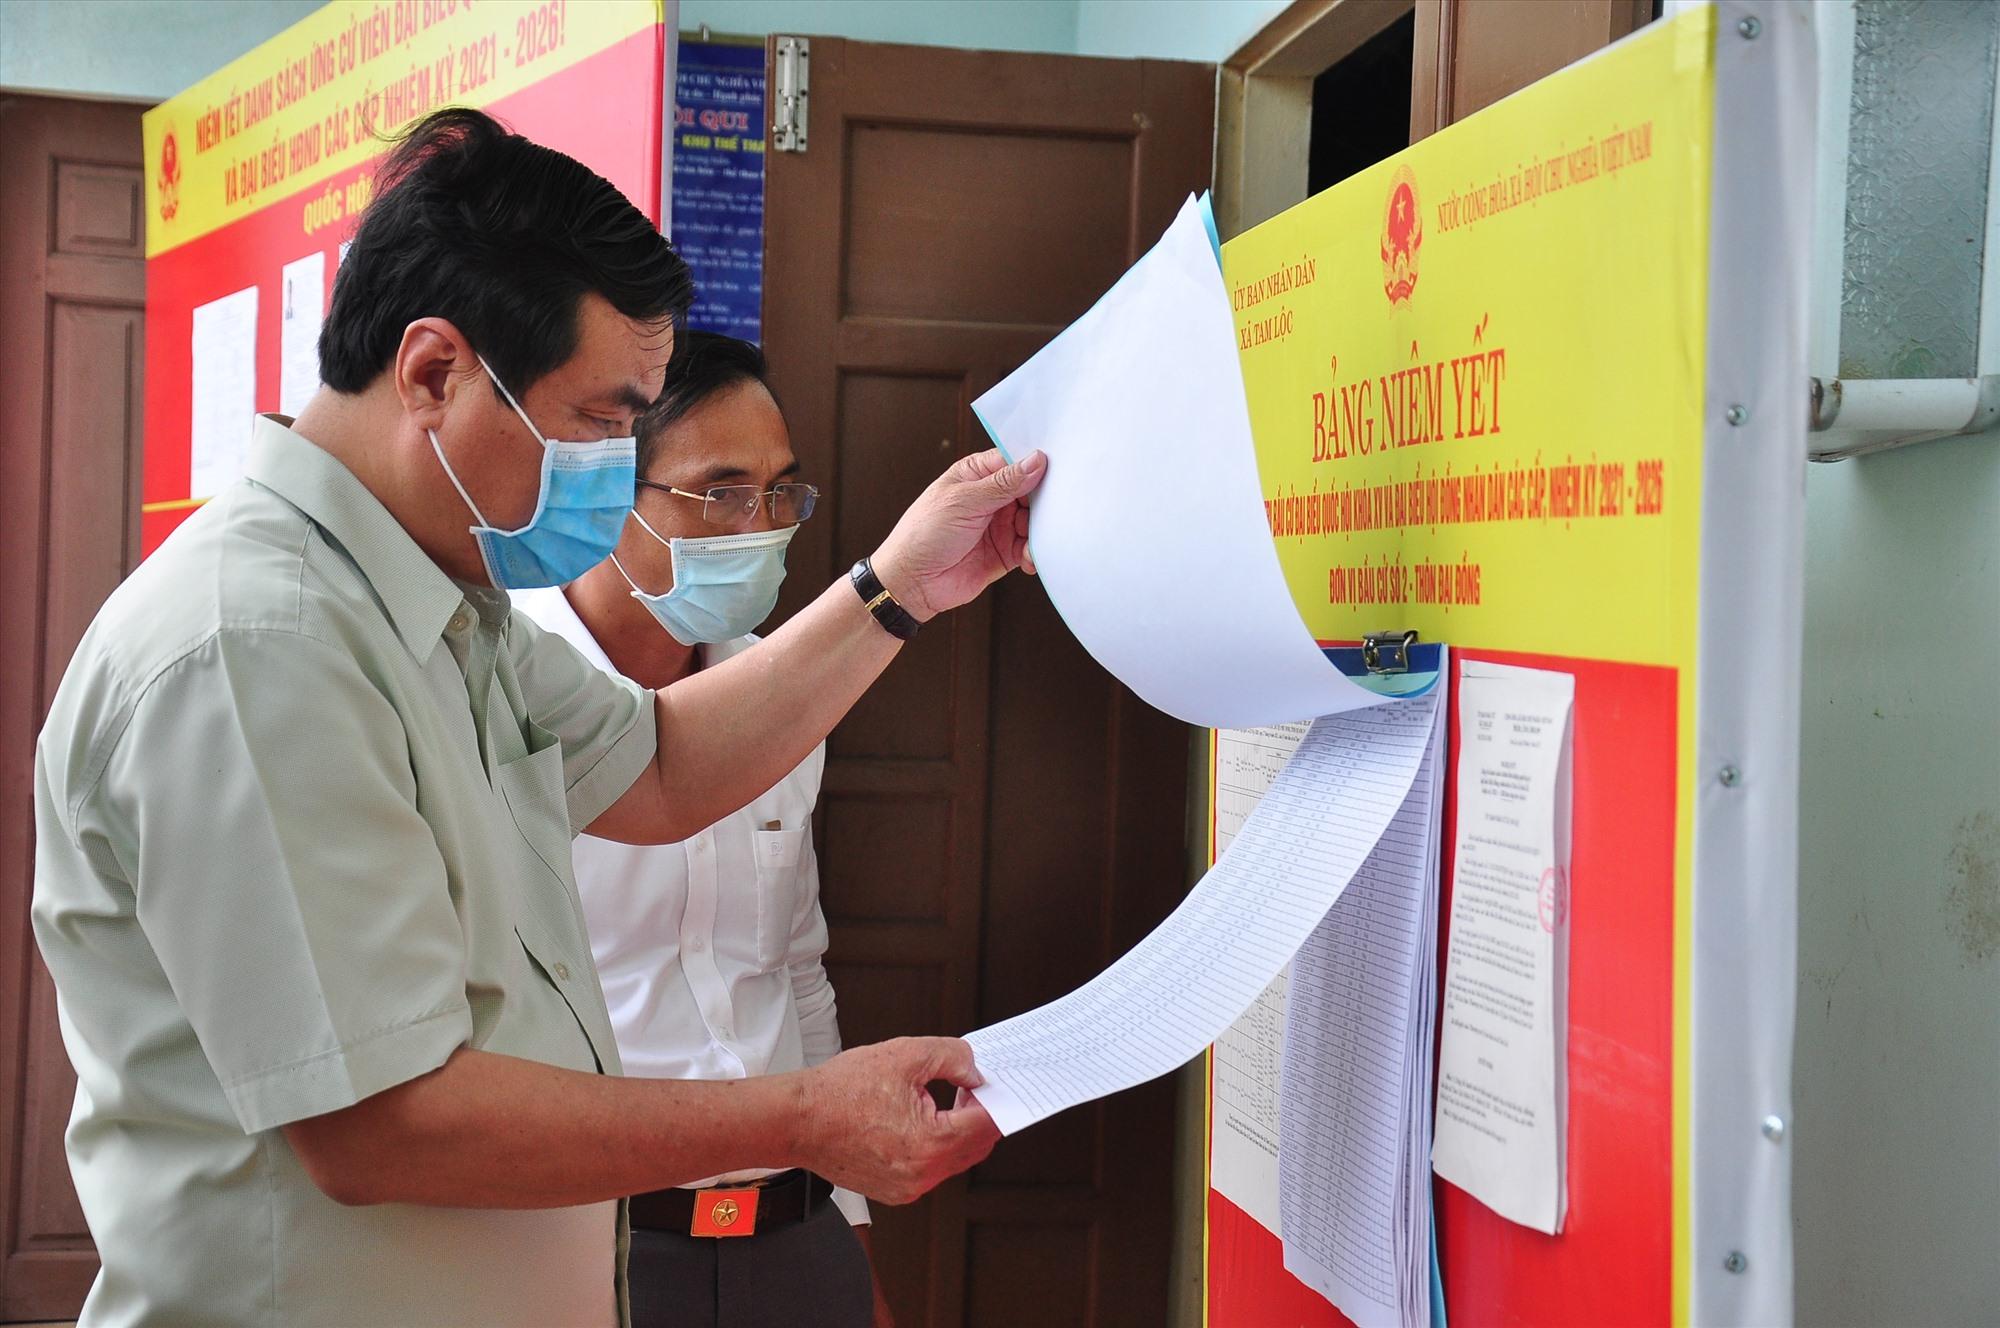 Bí thư Tỉnh ủy, Chủ tịch HĐND tỉnh Phan Việt Cường kiểm tra công tác chuẩn bị bầu cử tại Phú Ninh. Ảnh: V.A